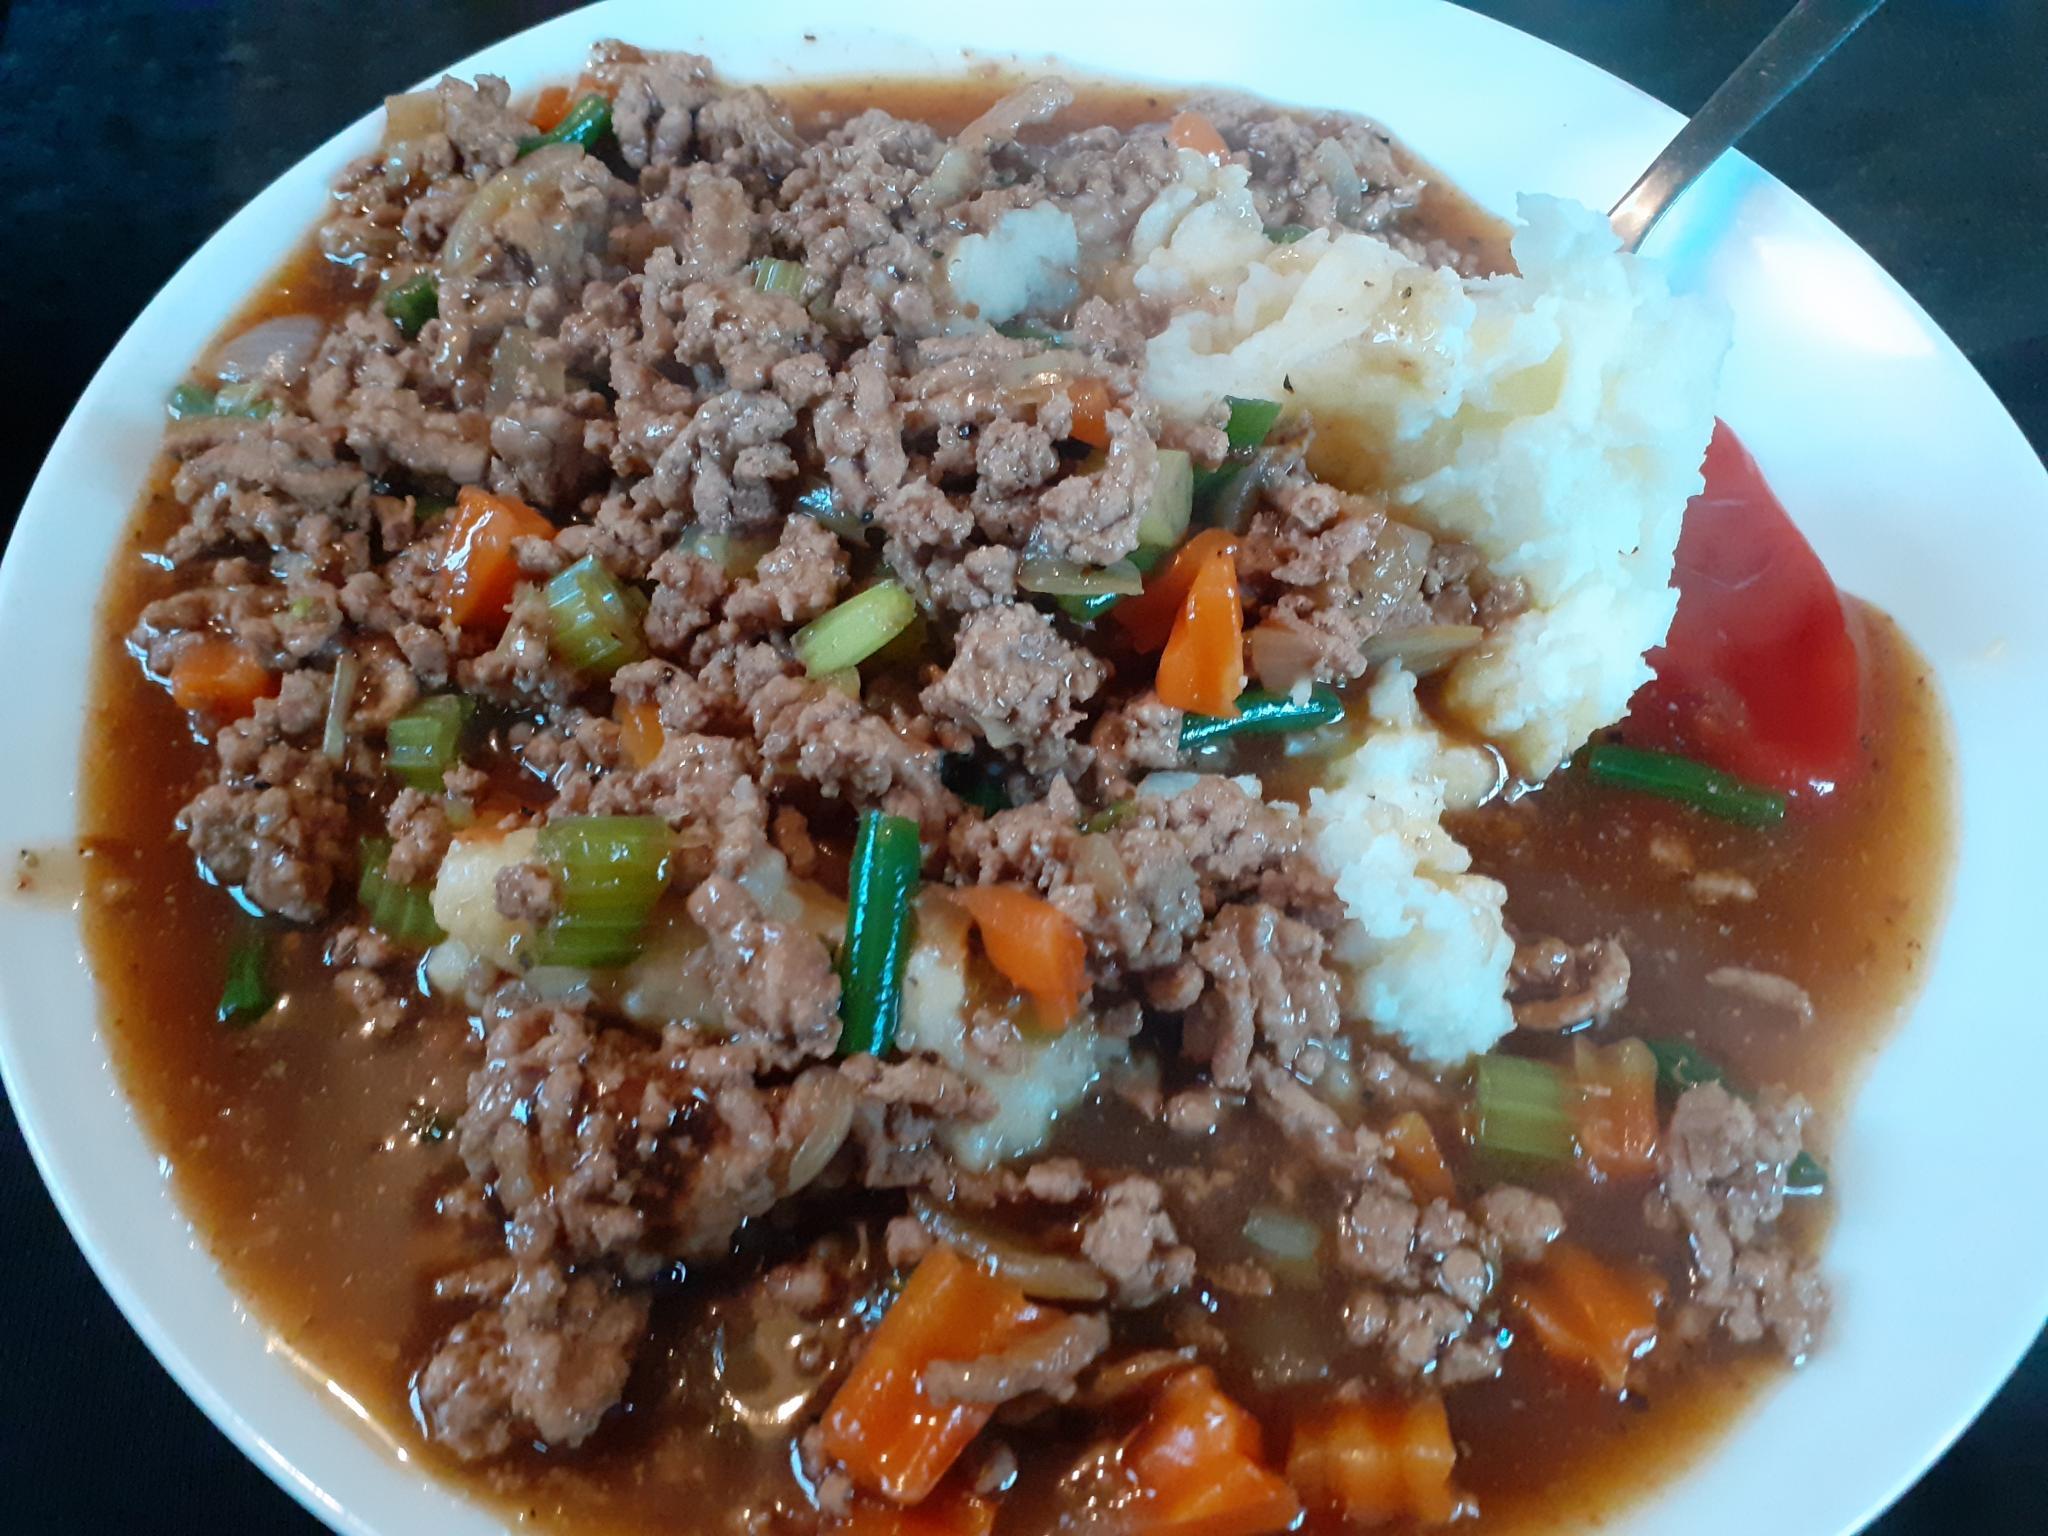 Dinner-20200611_182720-jpg